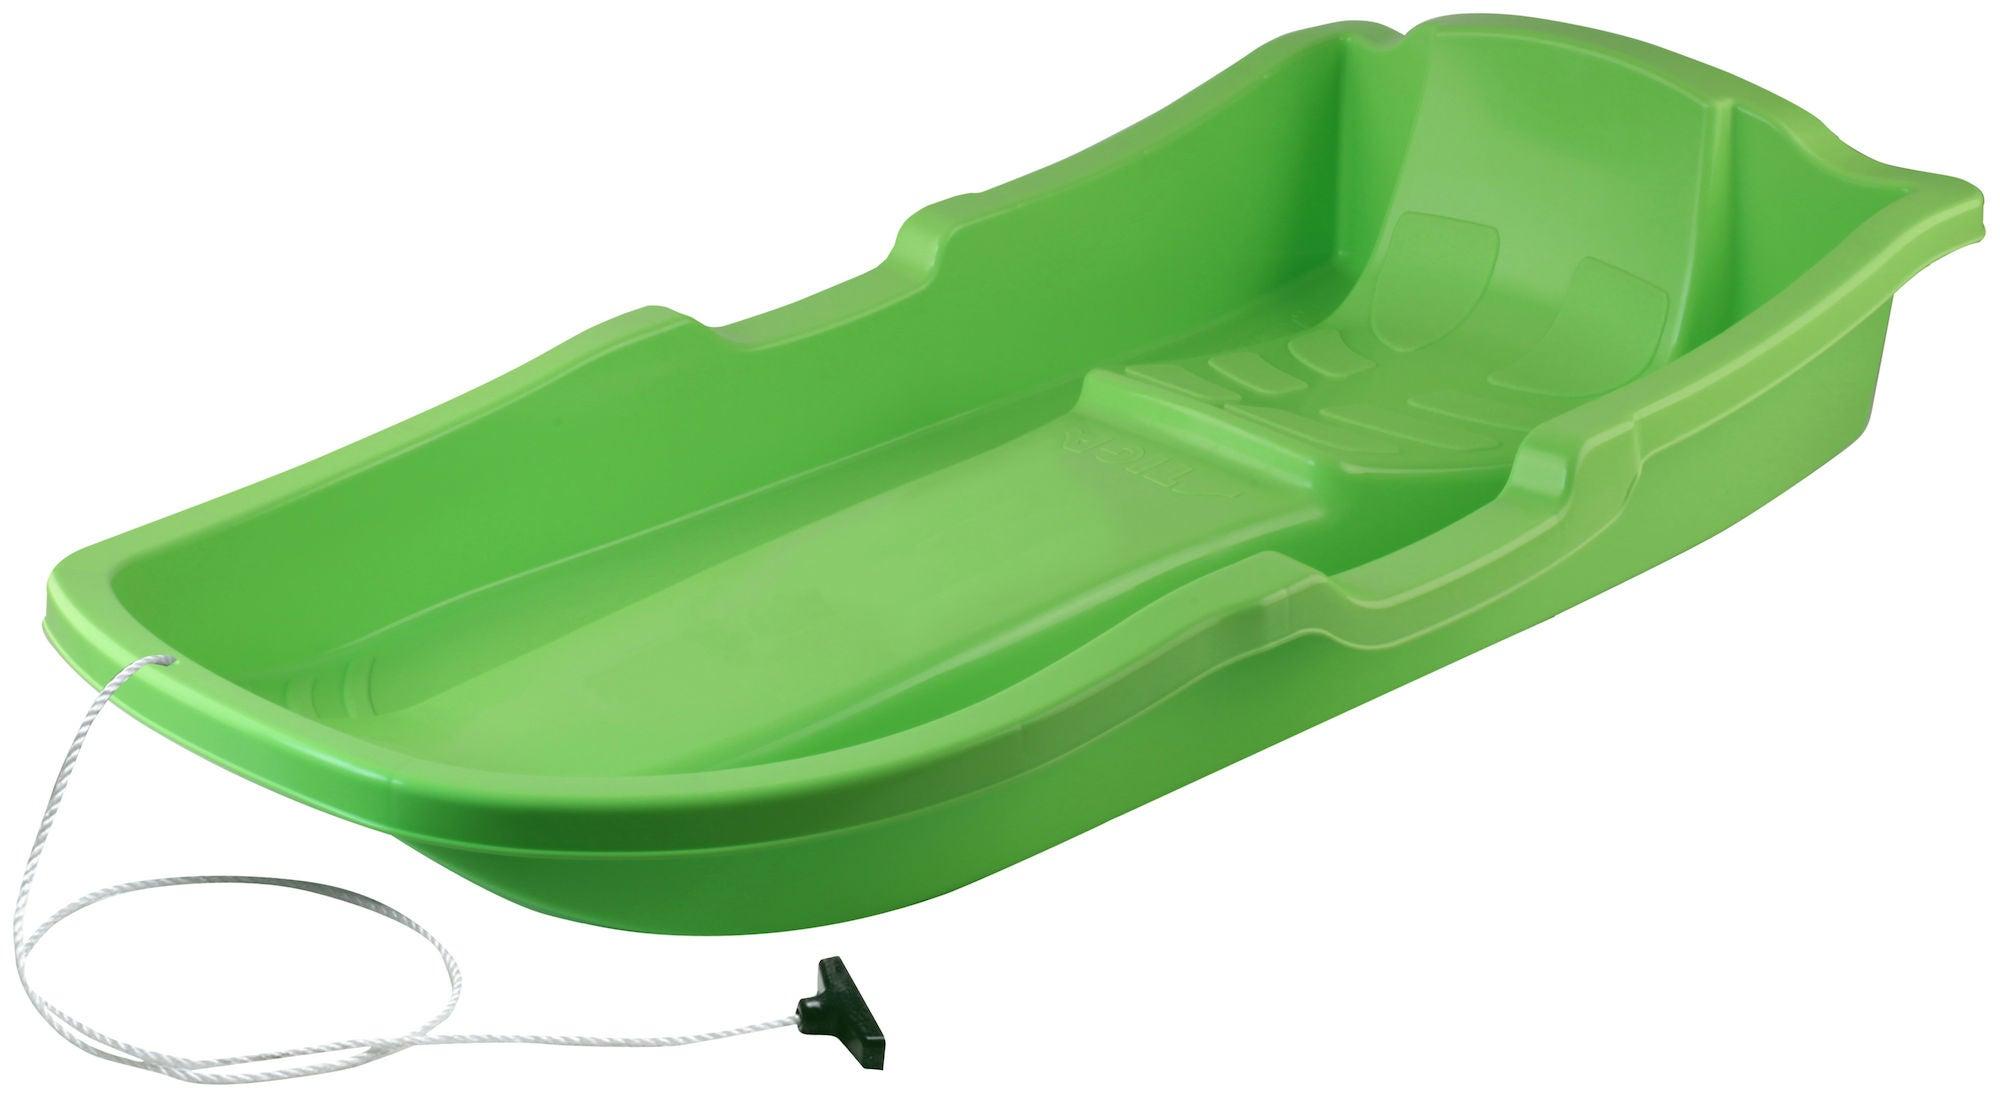 STIGA Pacer Pulka Med Reflex, Grön